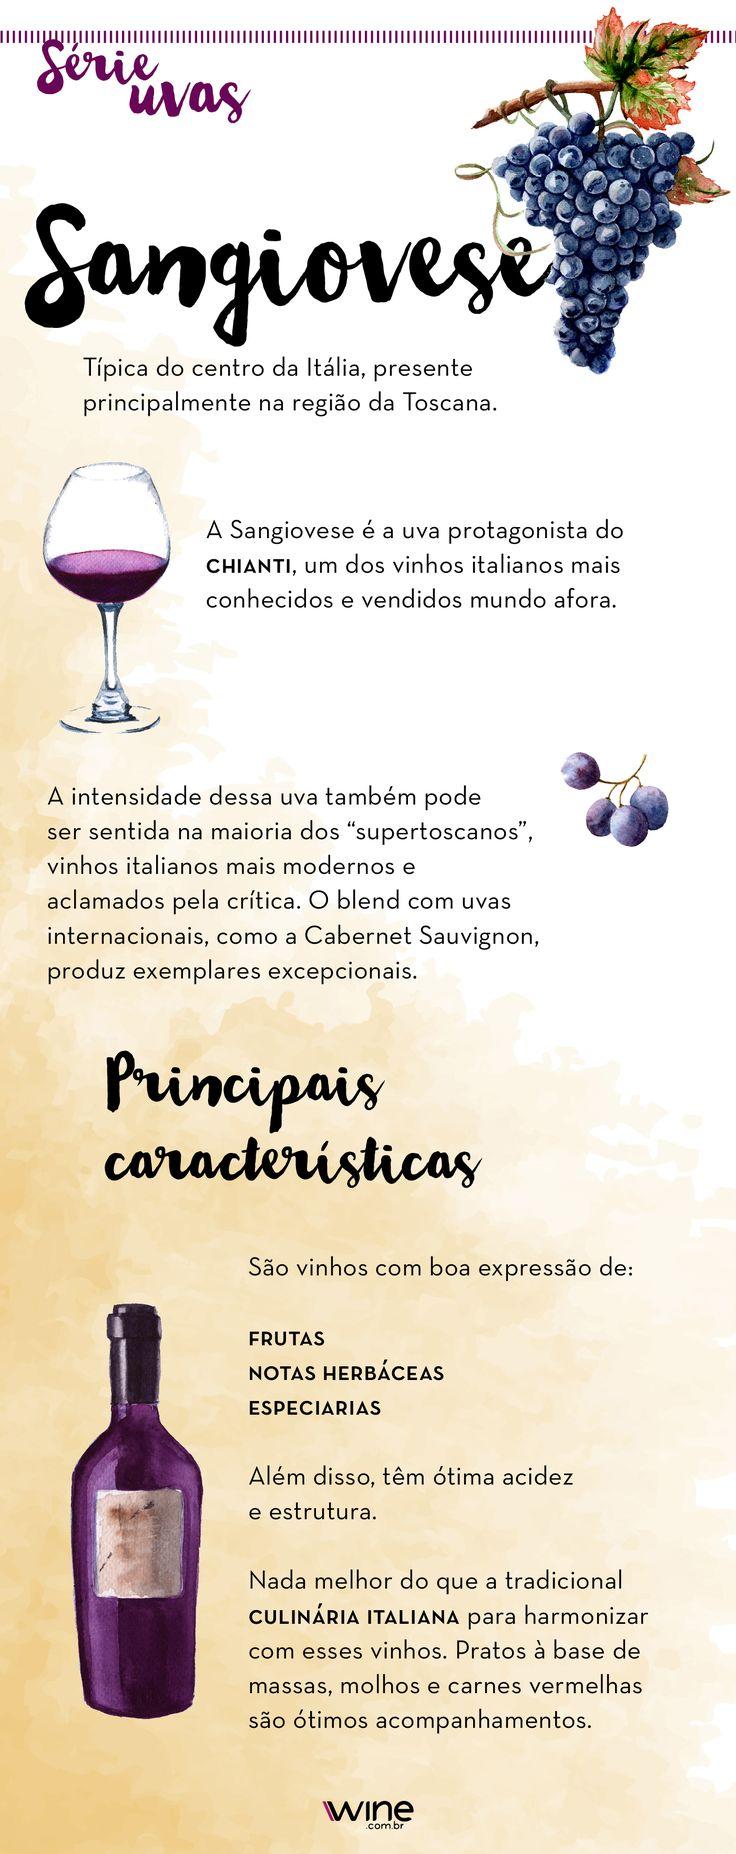 Conheça a uva Sangiovese, famosa por conta do protagonismo do vinho Chiante. #wine #vinho #sangiovese #uva